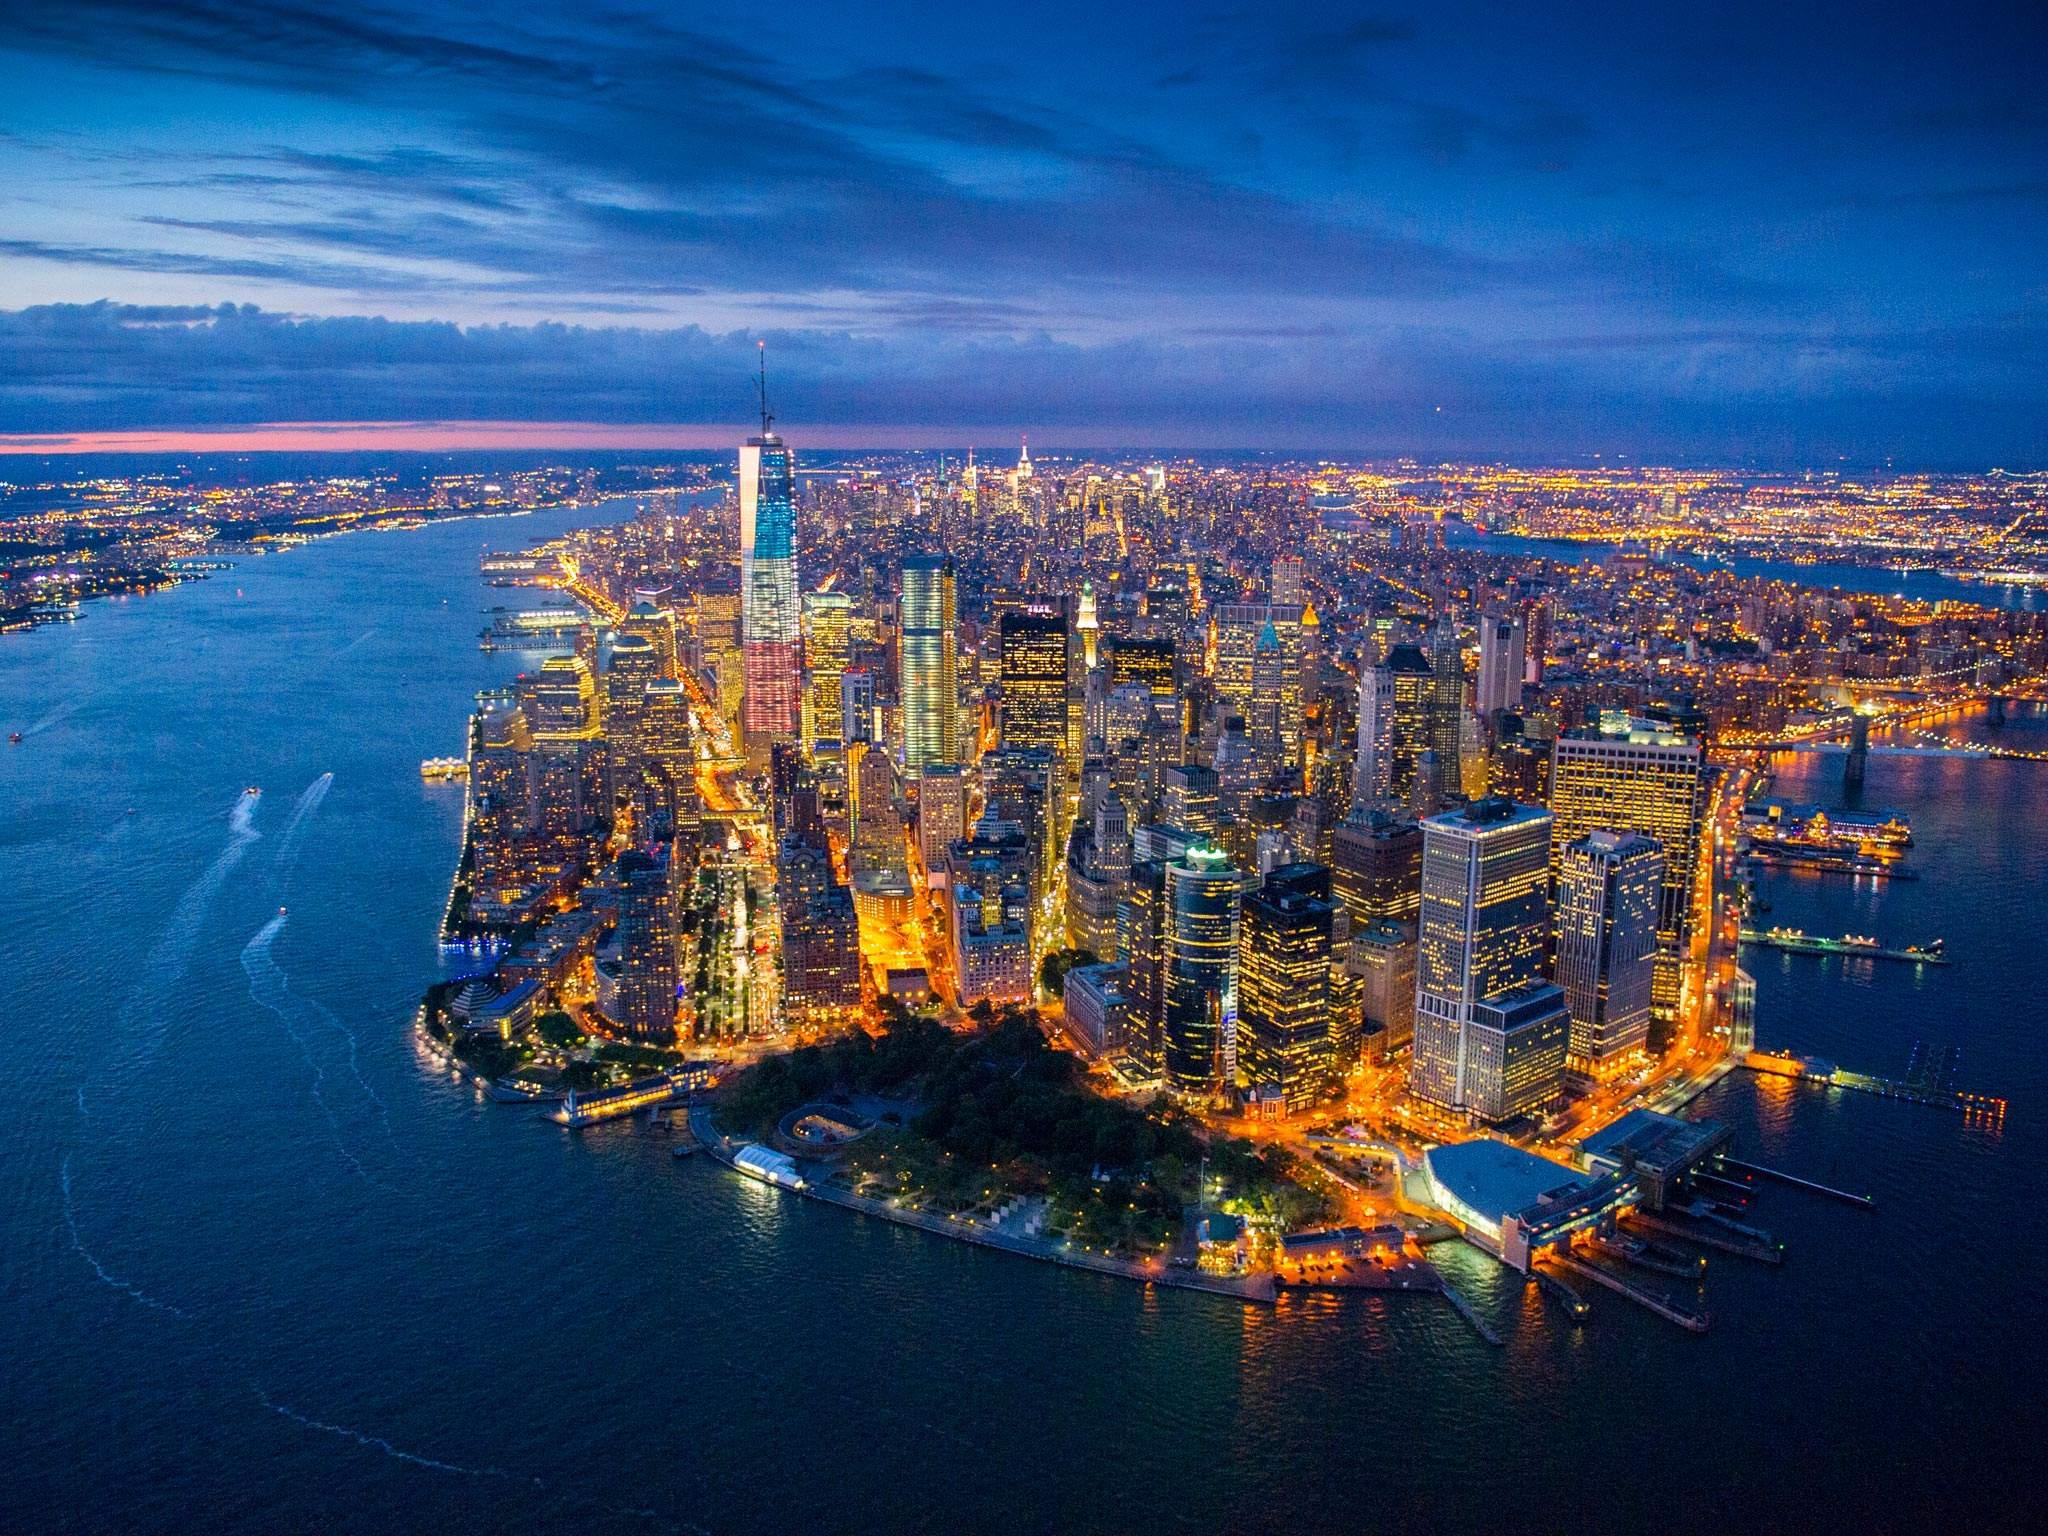 从城市发展趋势、看贵阳房地产发展走势